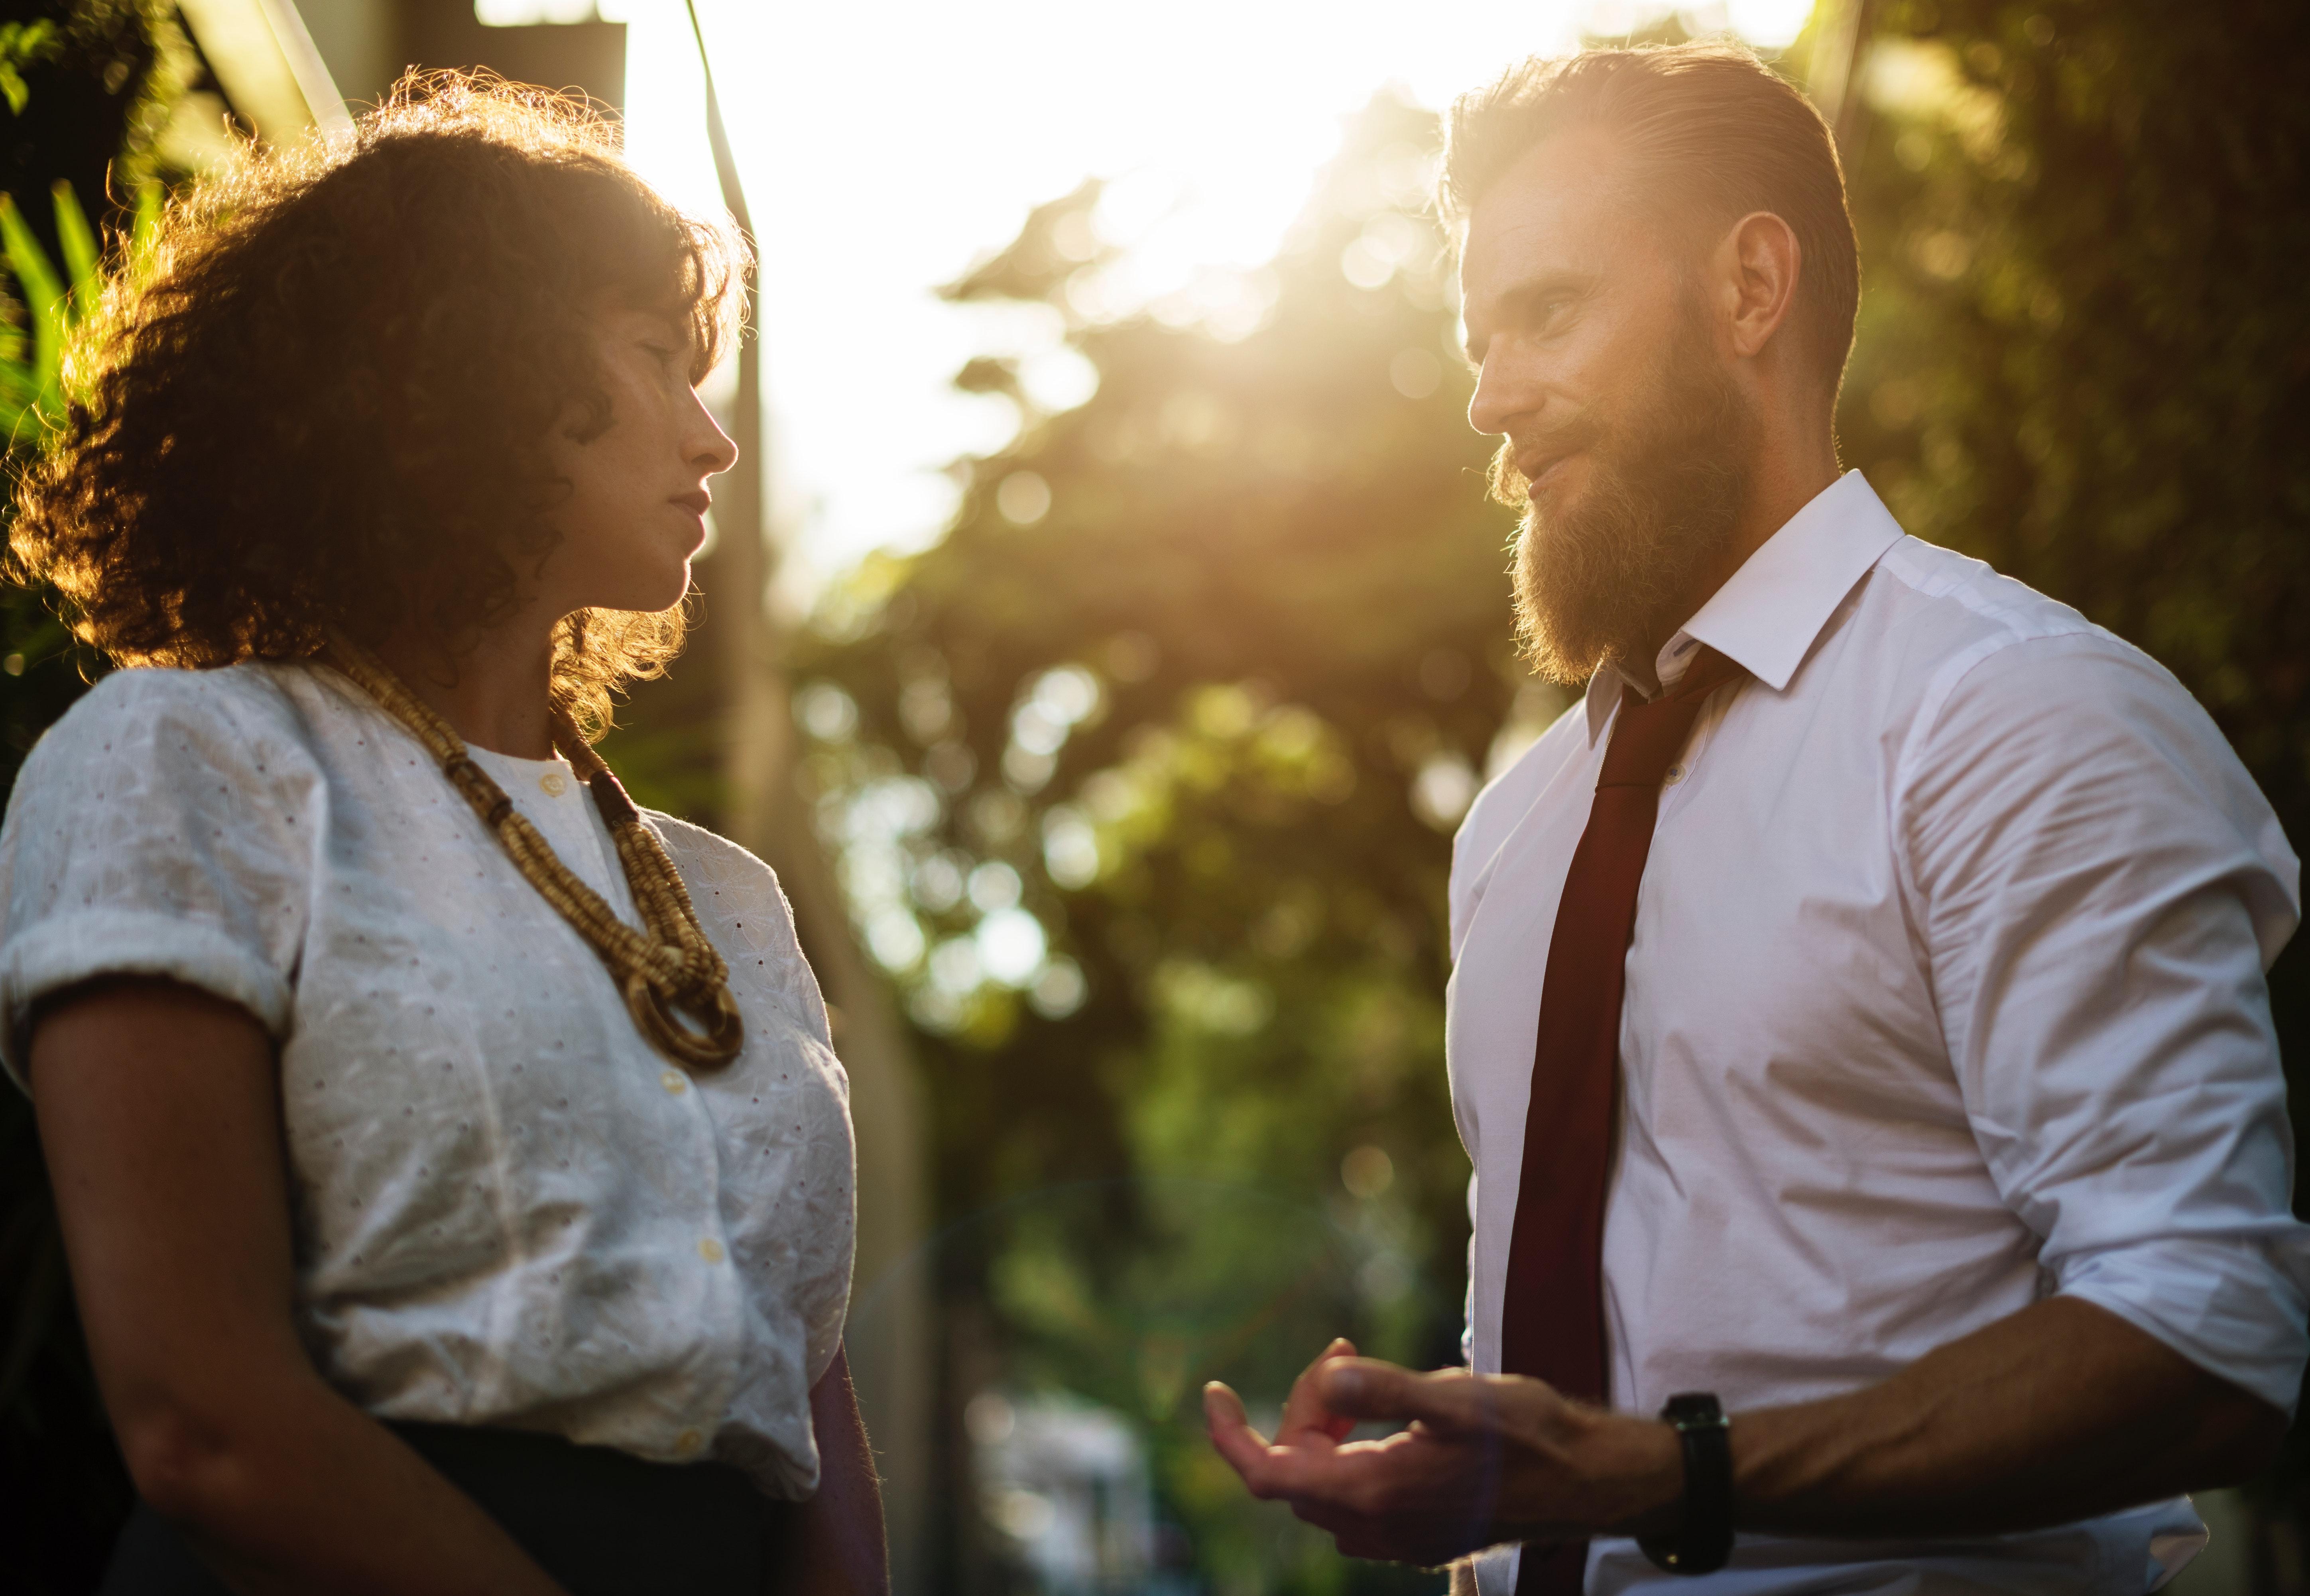 Mann fragt Frau beim Flirten nach einer Verabredung